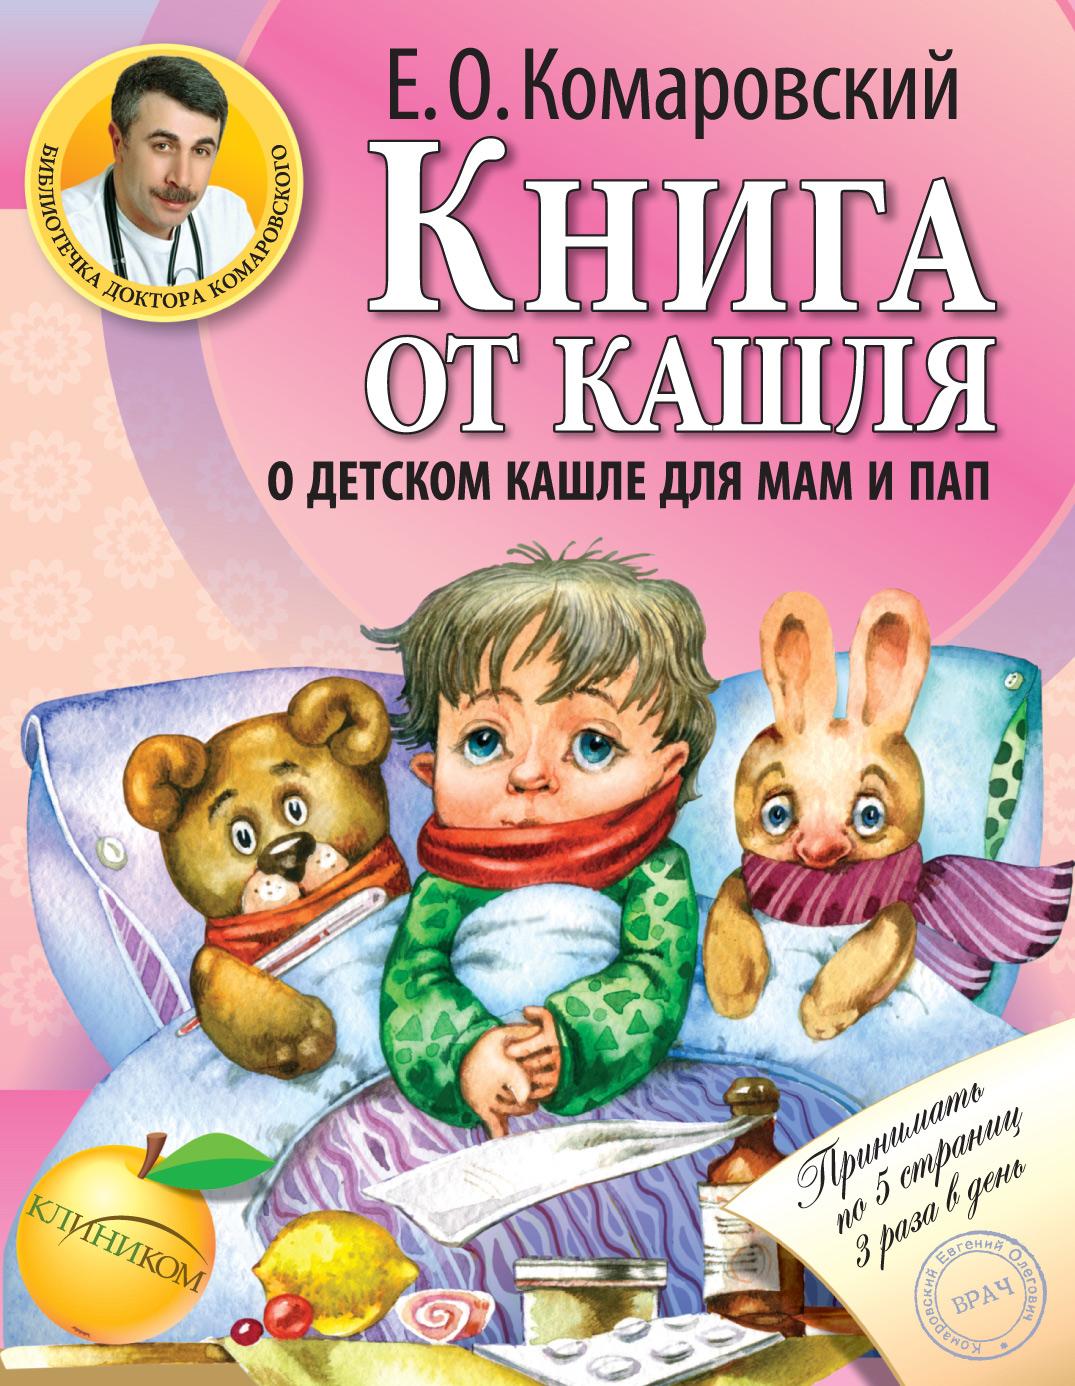 Евгений Комаровский Книга от кашля. О детском кашле для мам и пап комаровский е книга от насморка о детском насморке для мам и пап